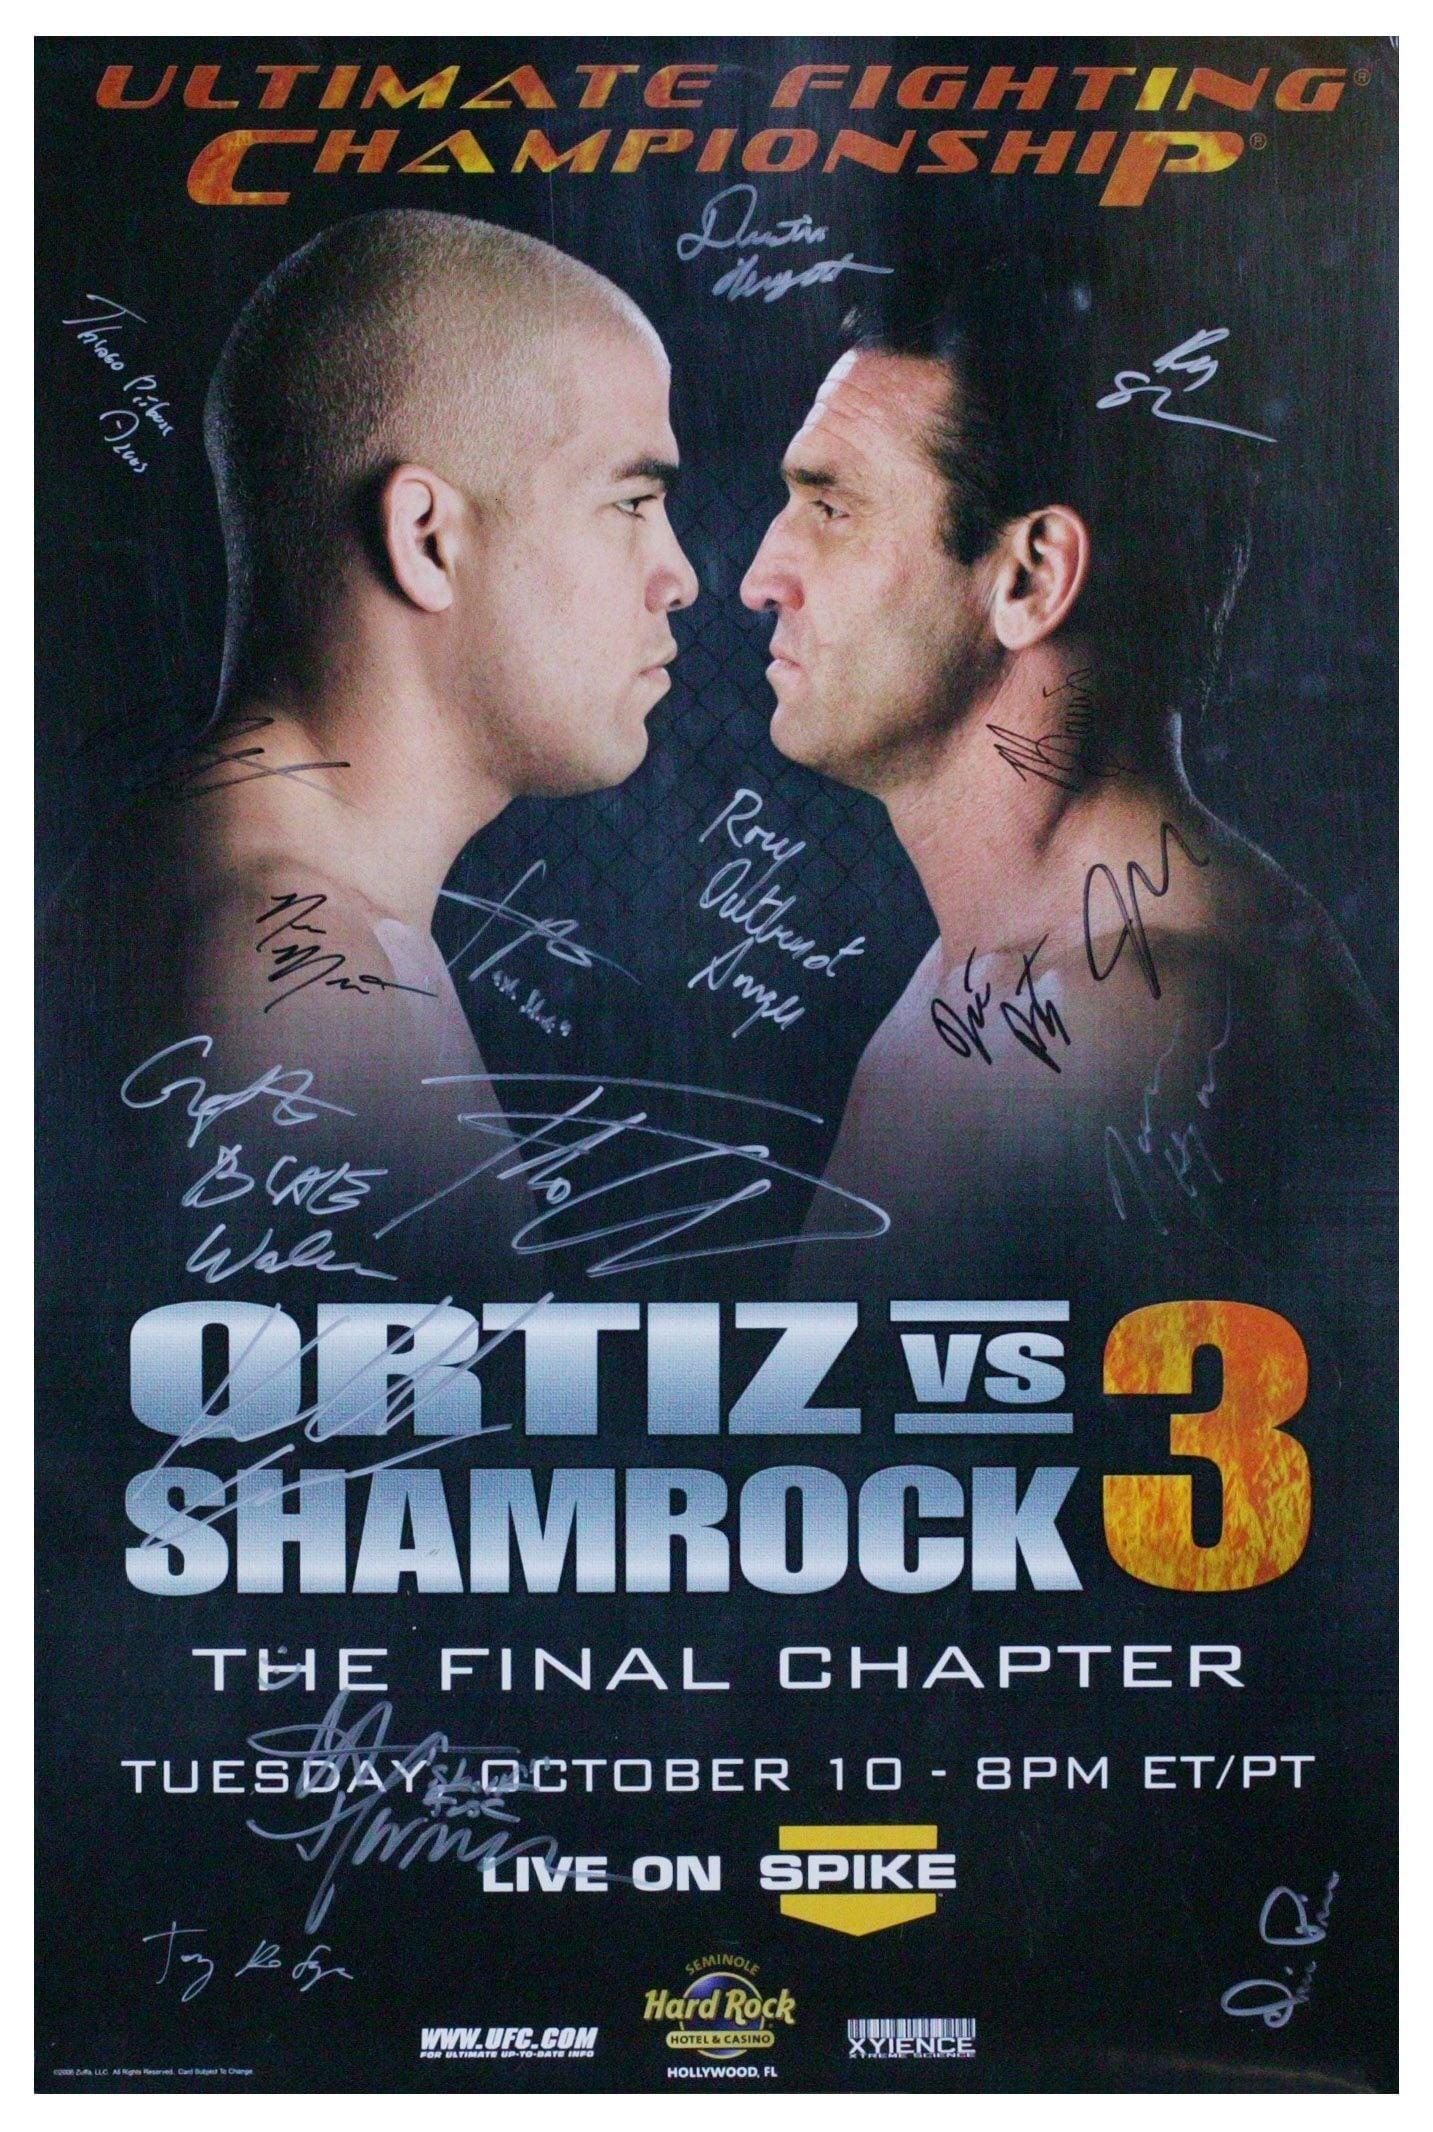 UFC Fight Night 6.5: Ortiz vs. Shamrock 3